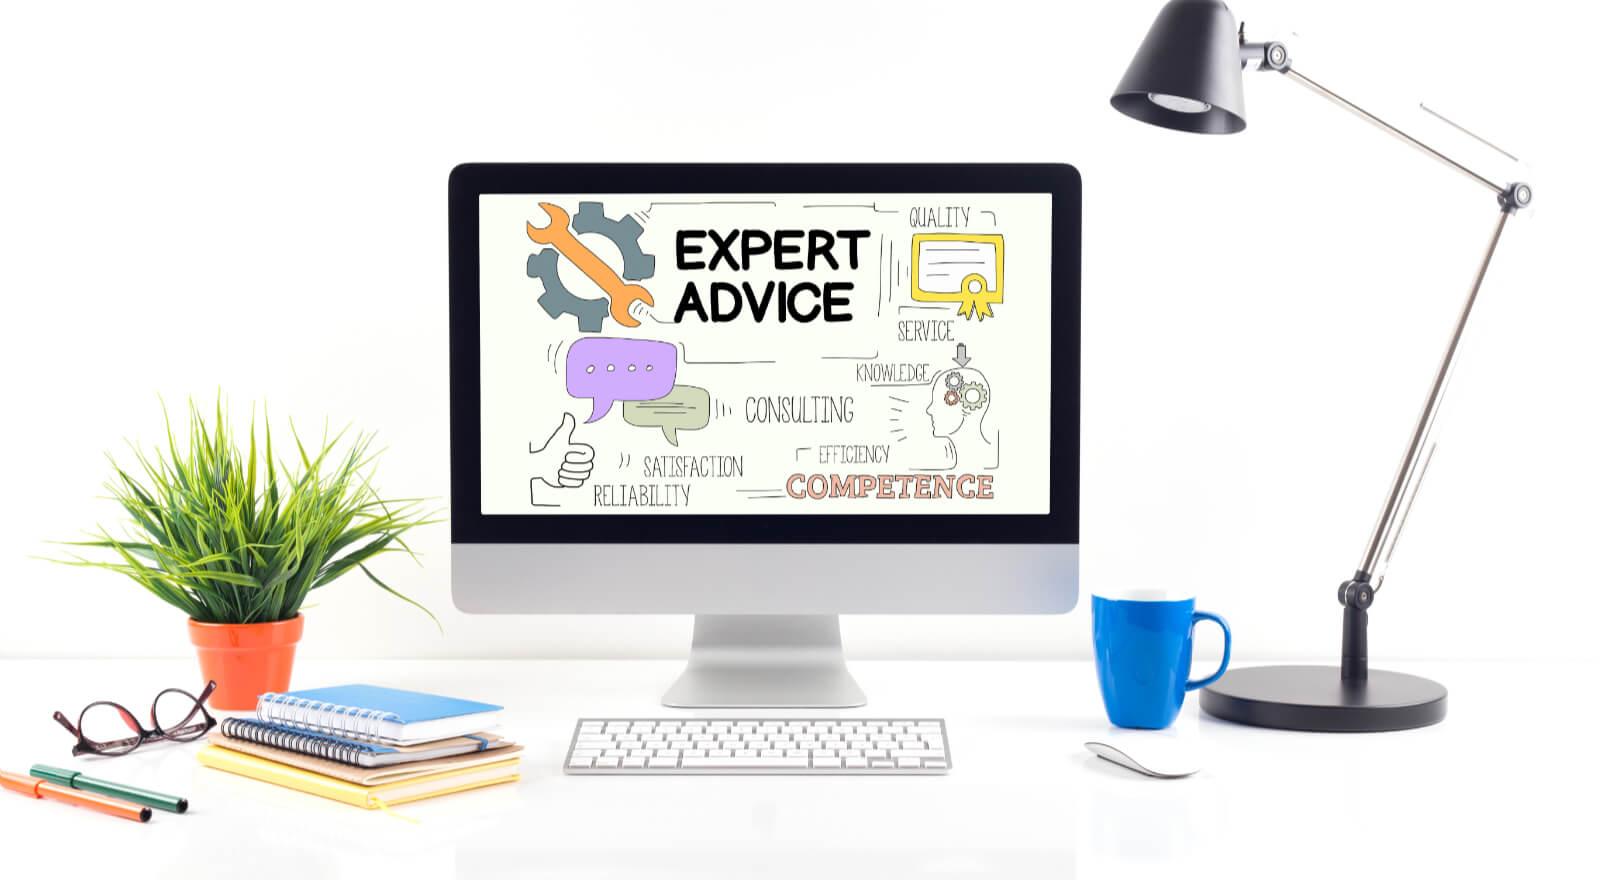 Få webdesigner ekspert råd